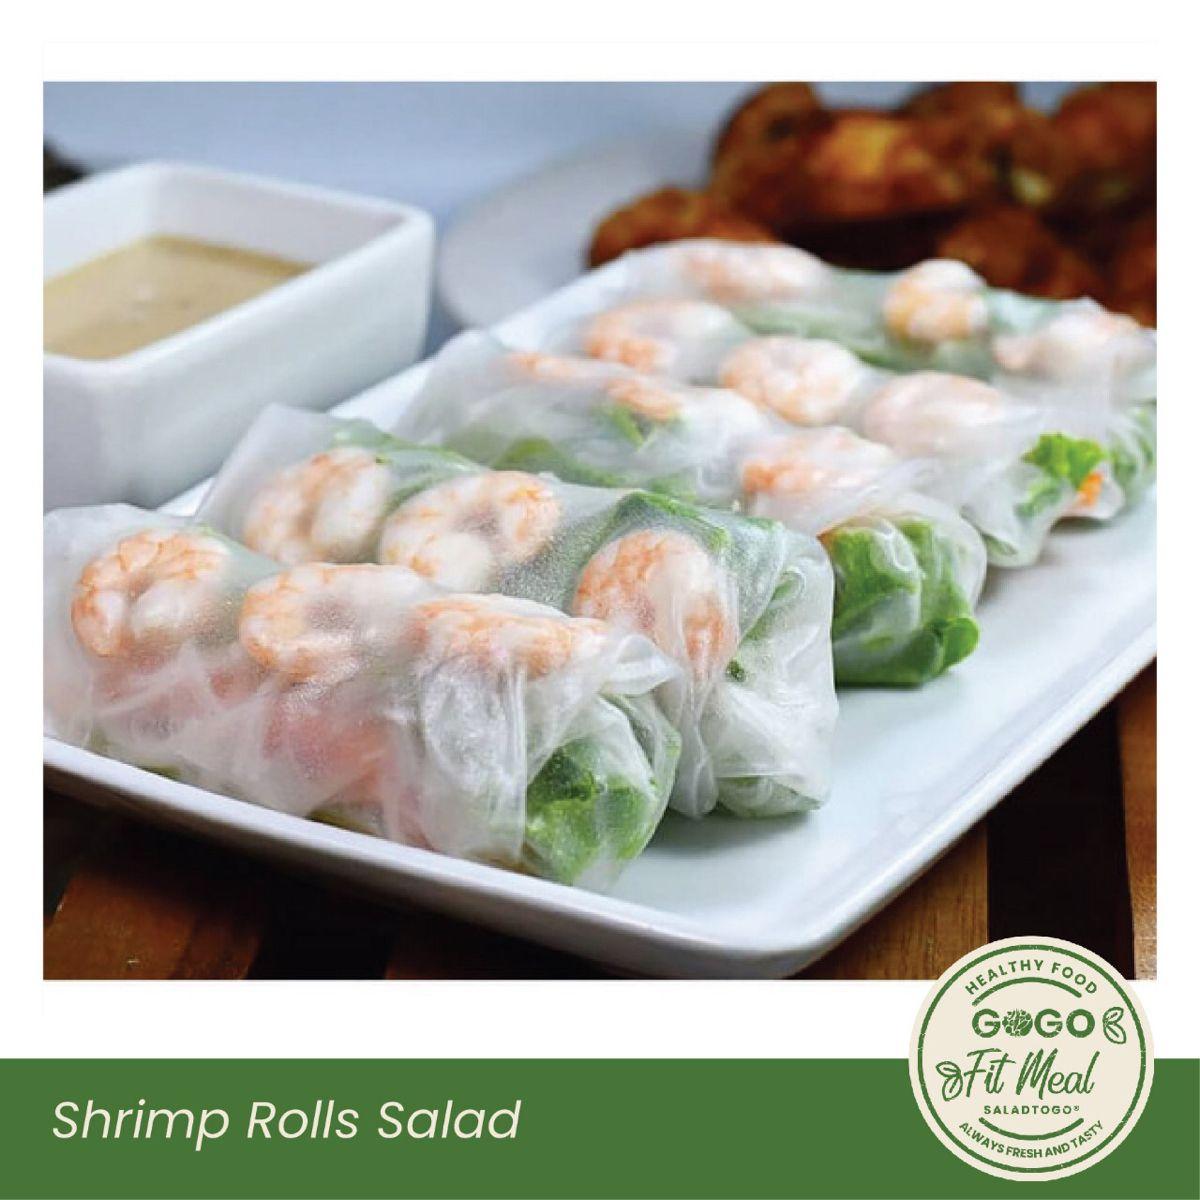 Saladtogo Gogofitmeal On Instagram 10 Photos And Videos Di 2020 Resep Salad Salad Lumpia